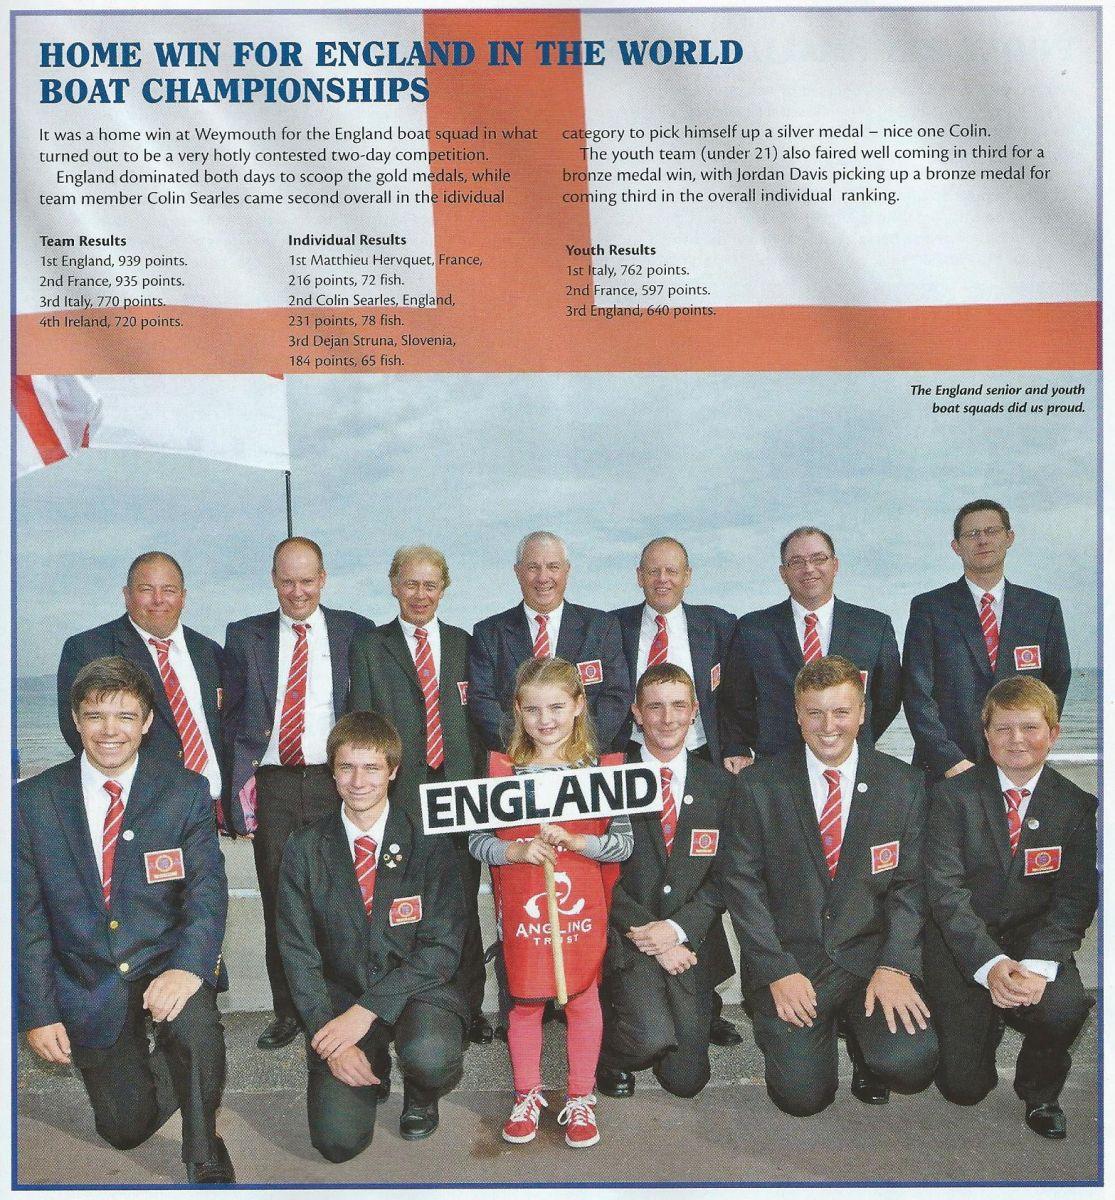 Boat Championship